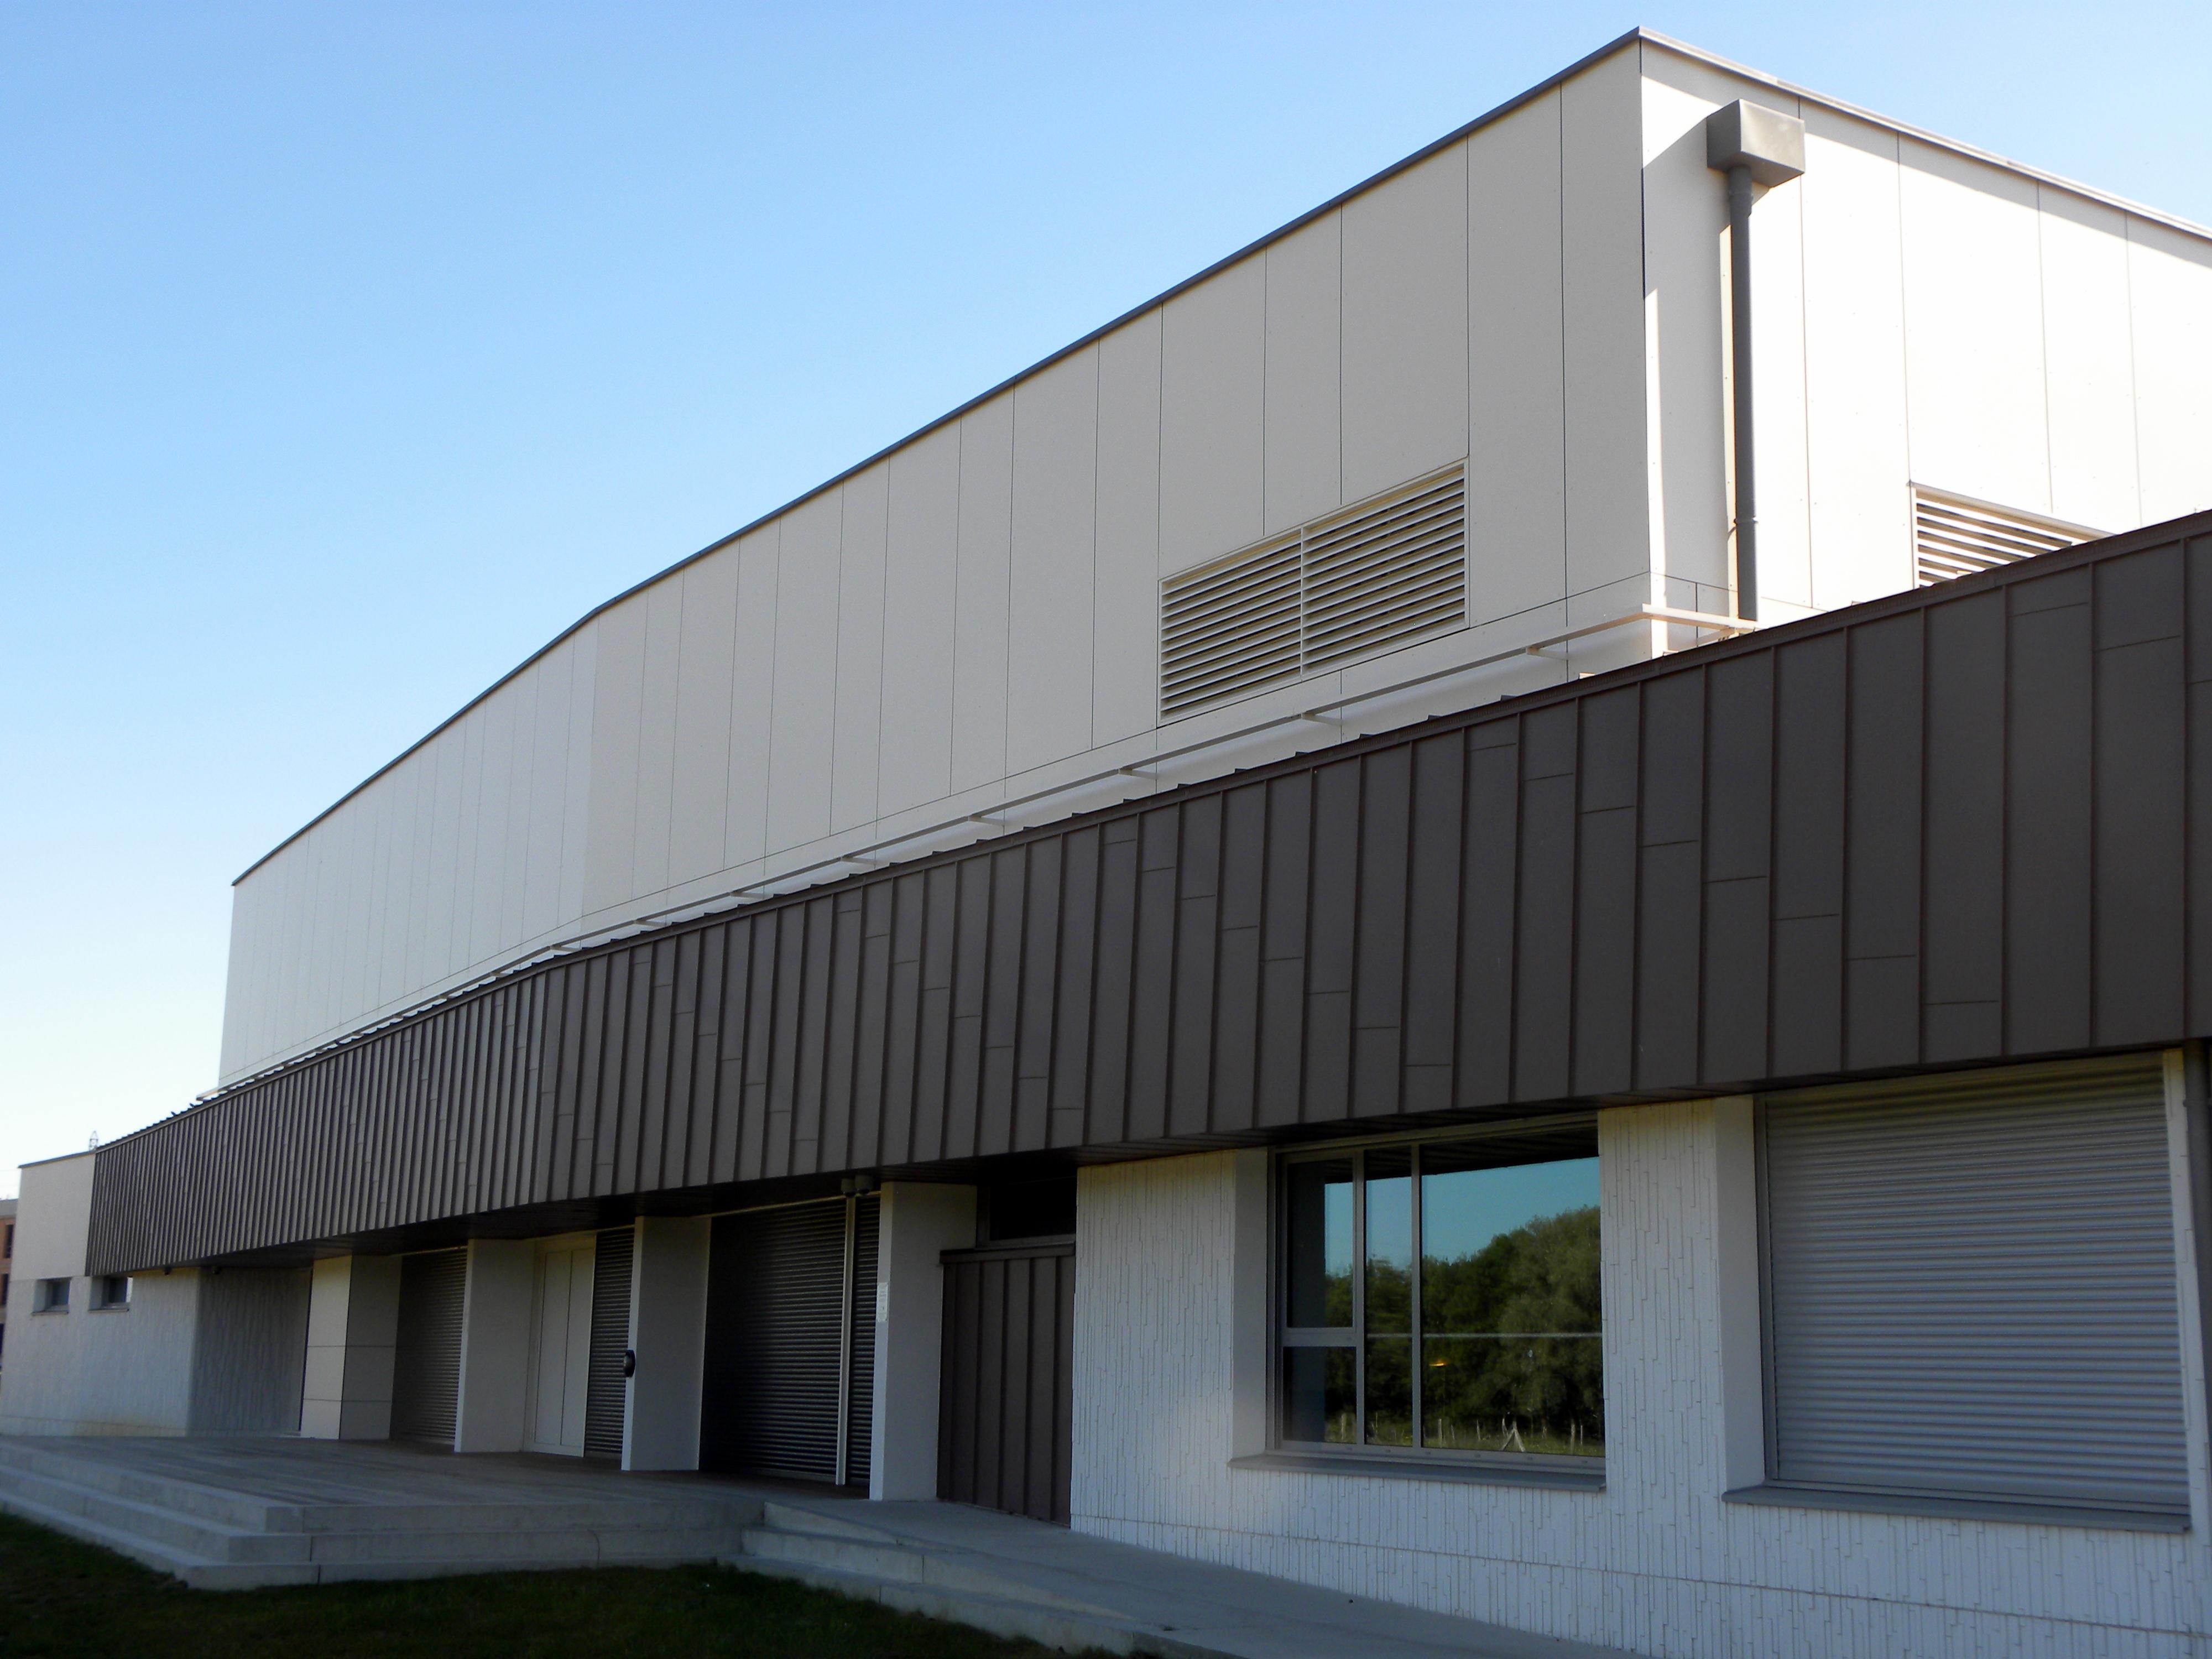 panneaux de façade stratifiés TRESPA